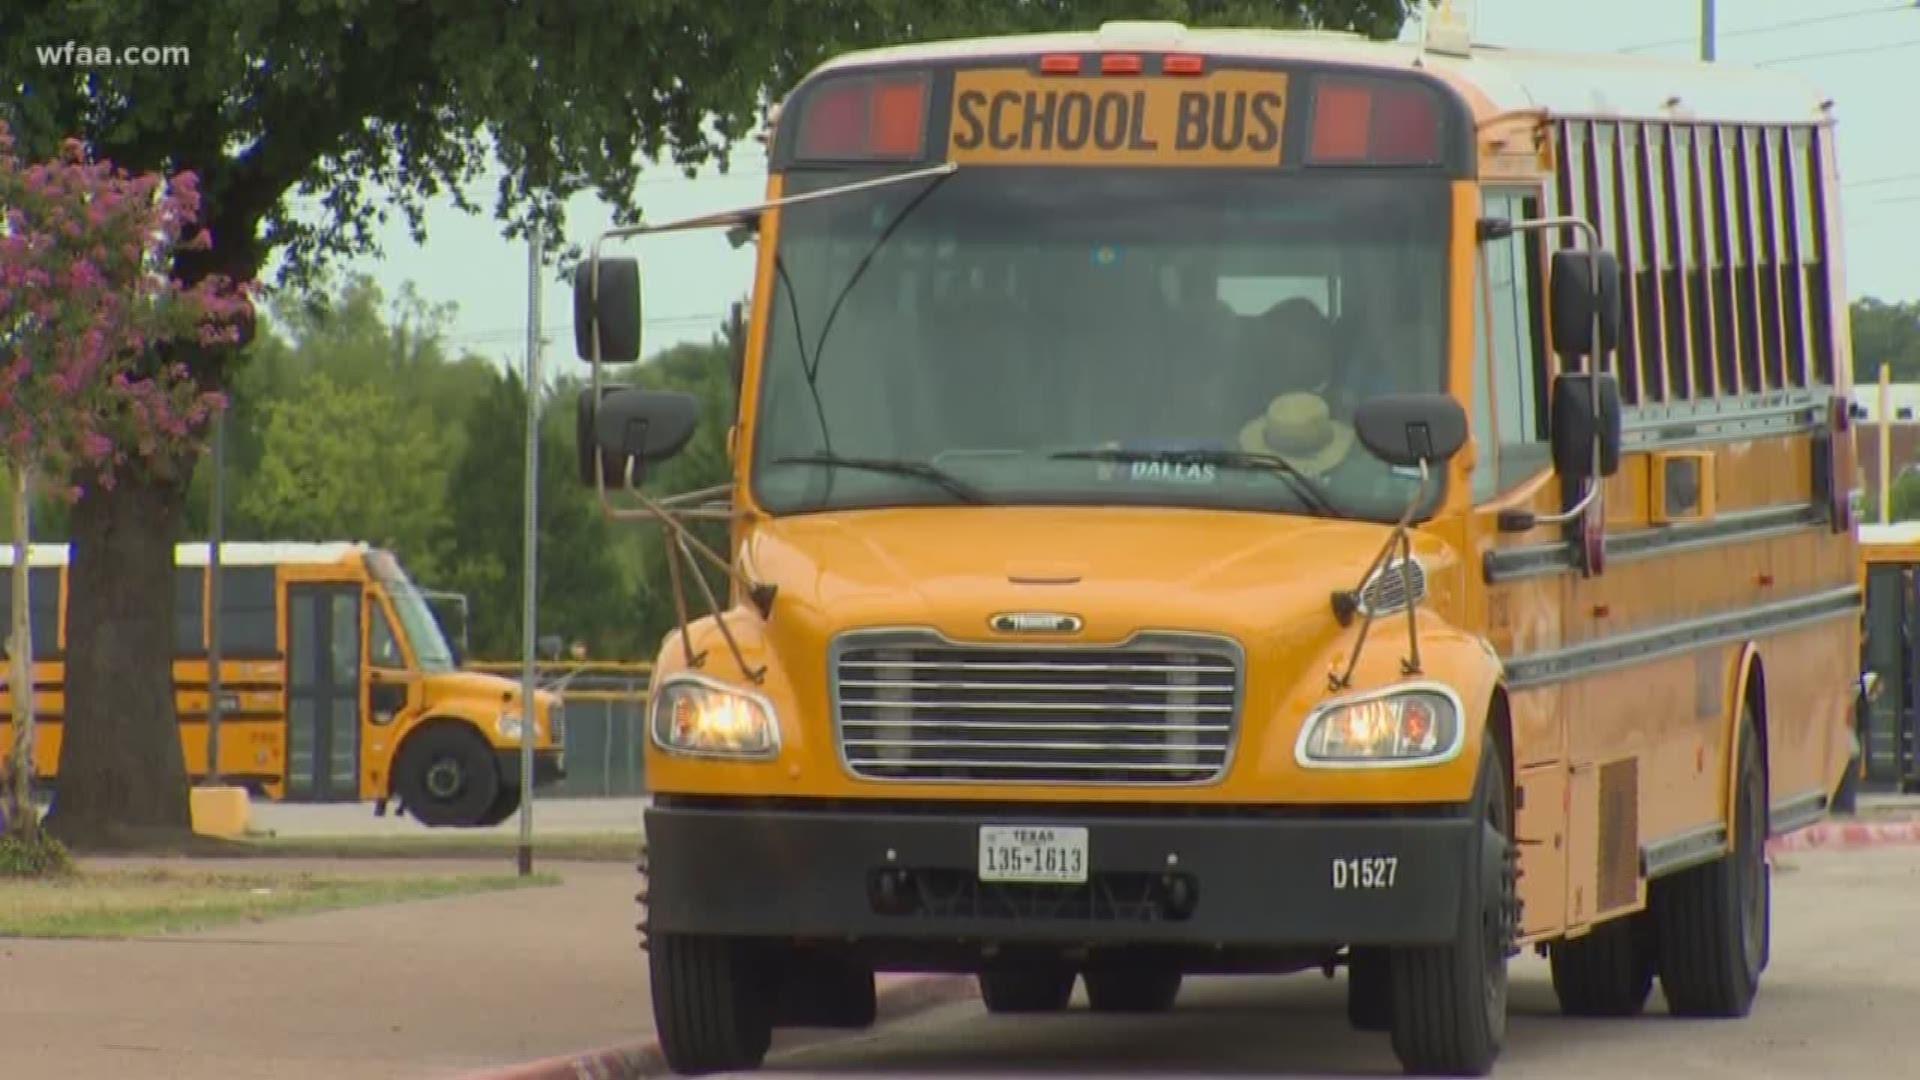 Dallas Isd Bus Driver Shortage Causing Delays Wfaa Com